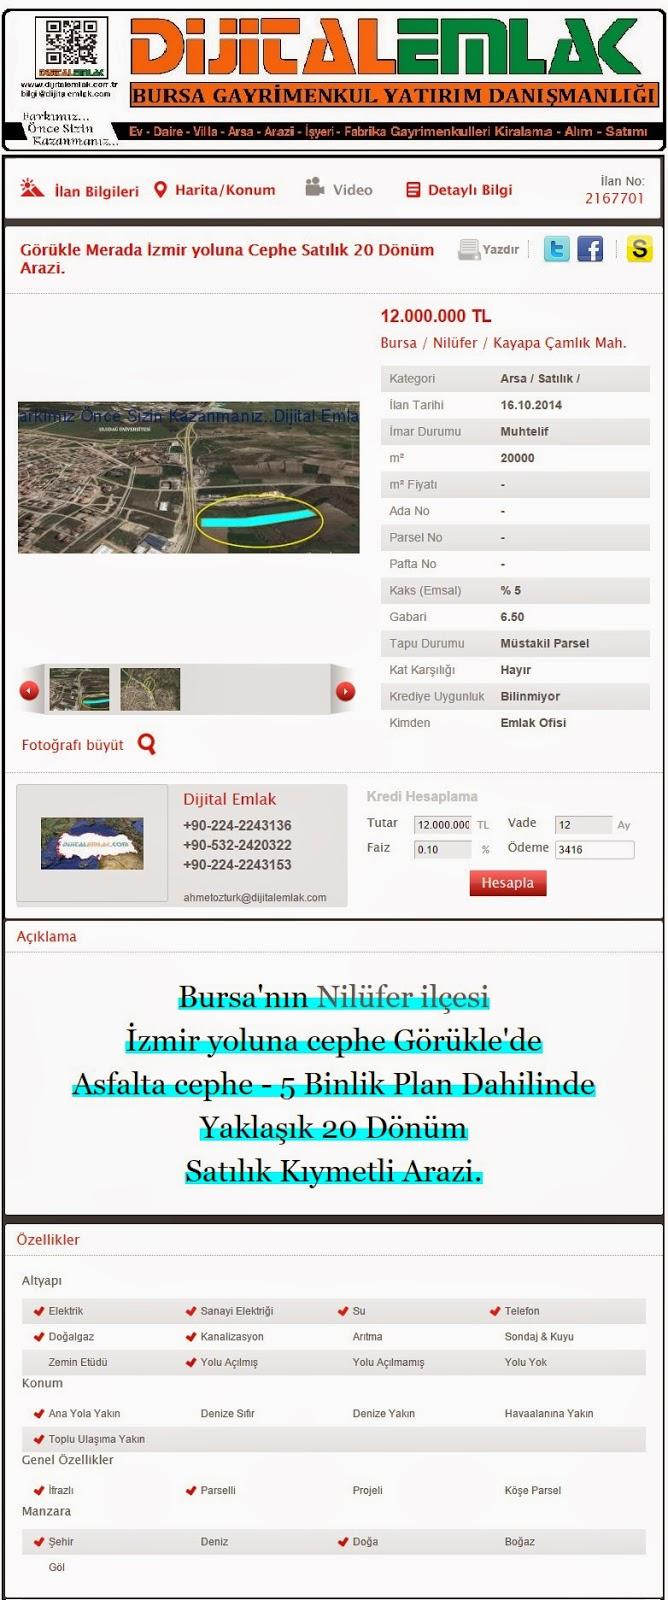 http://www.dijitalemlak.com.tr/ilan/2167701_gorukle-merada-izmir-yoluna-cephe-satilik-20-donum-arazi.html